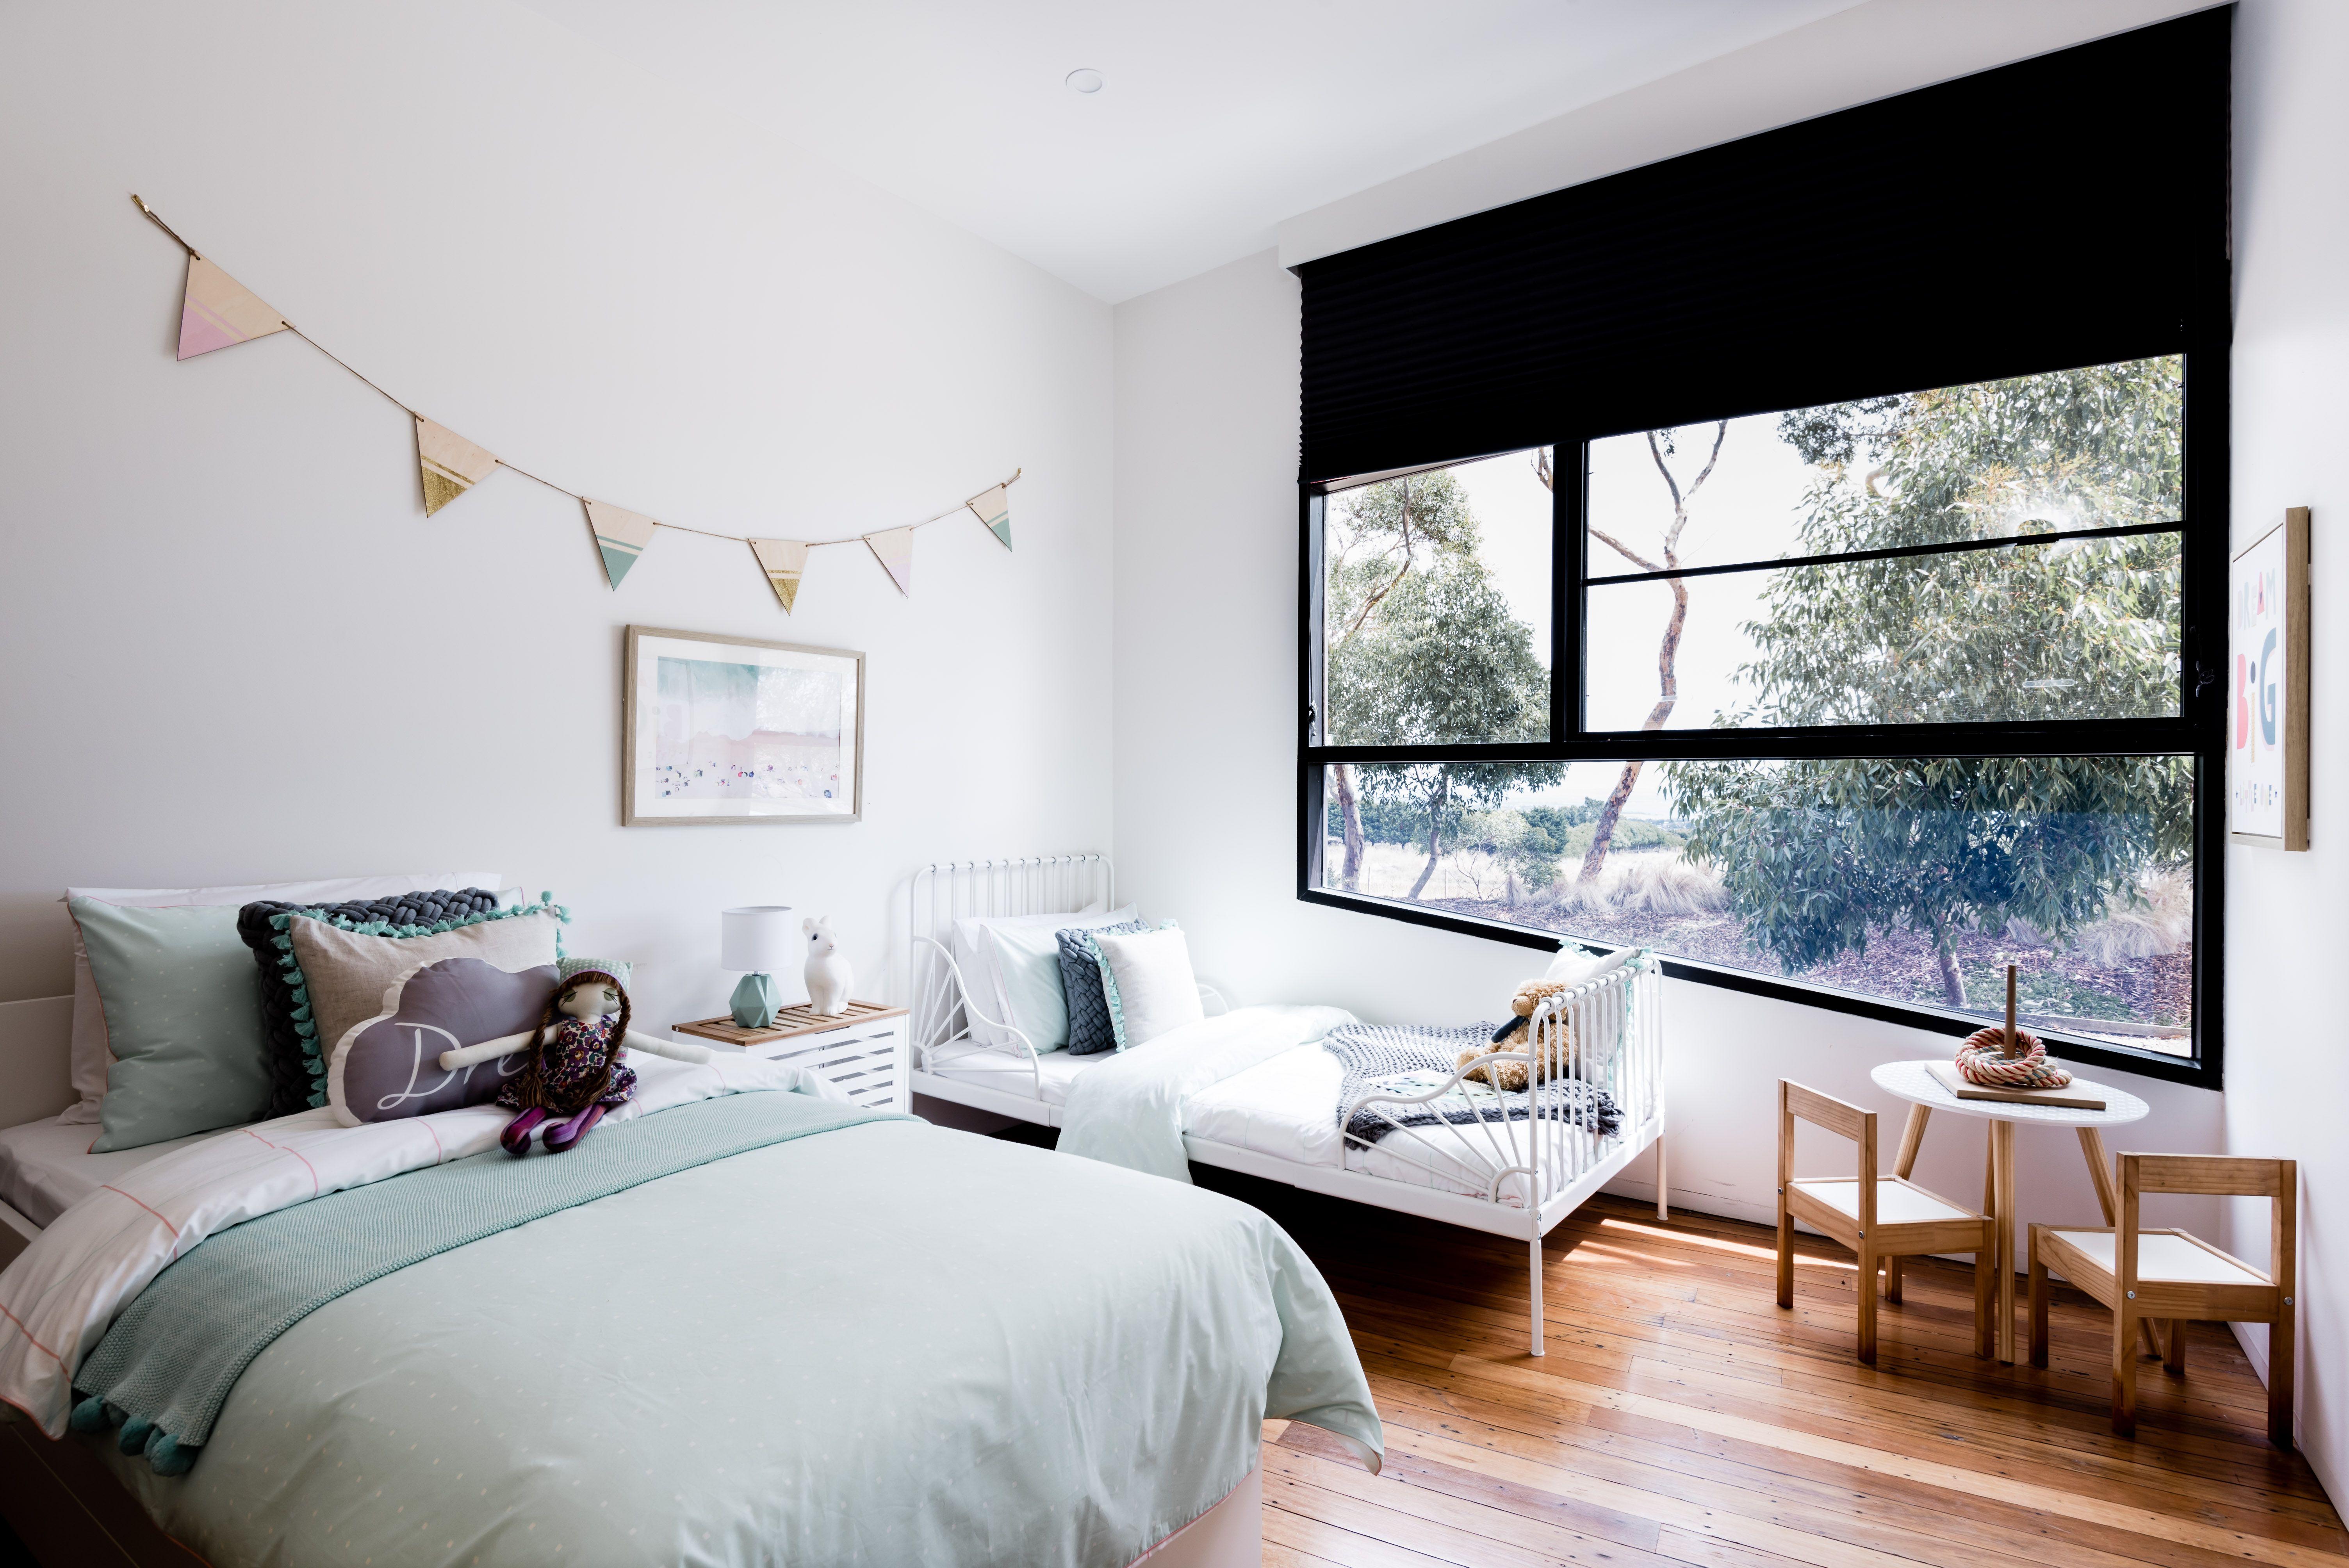 Interior design of children's bedroom industrial style drysdale interior design interior styling